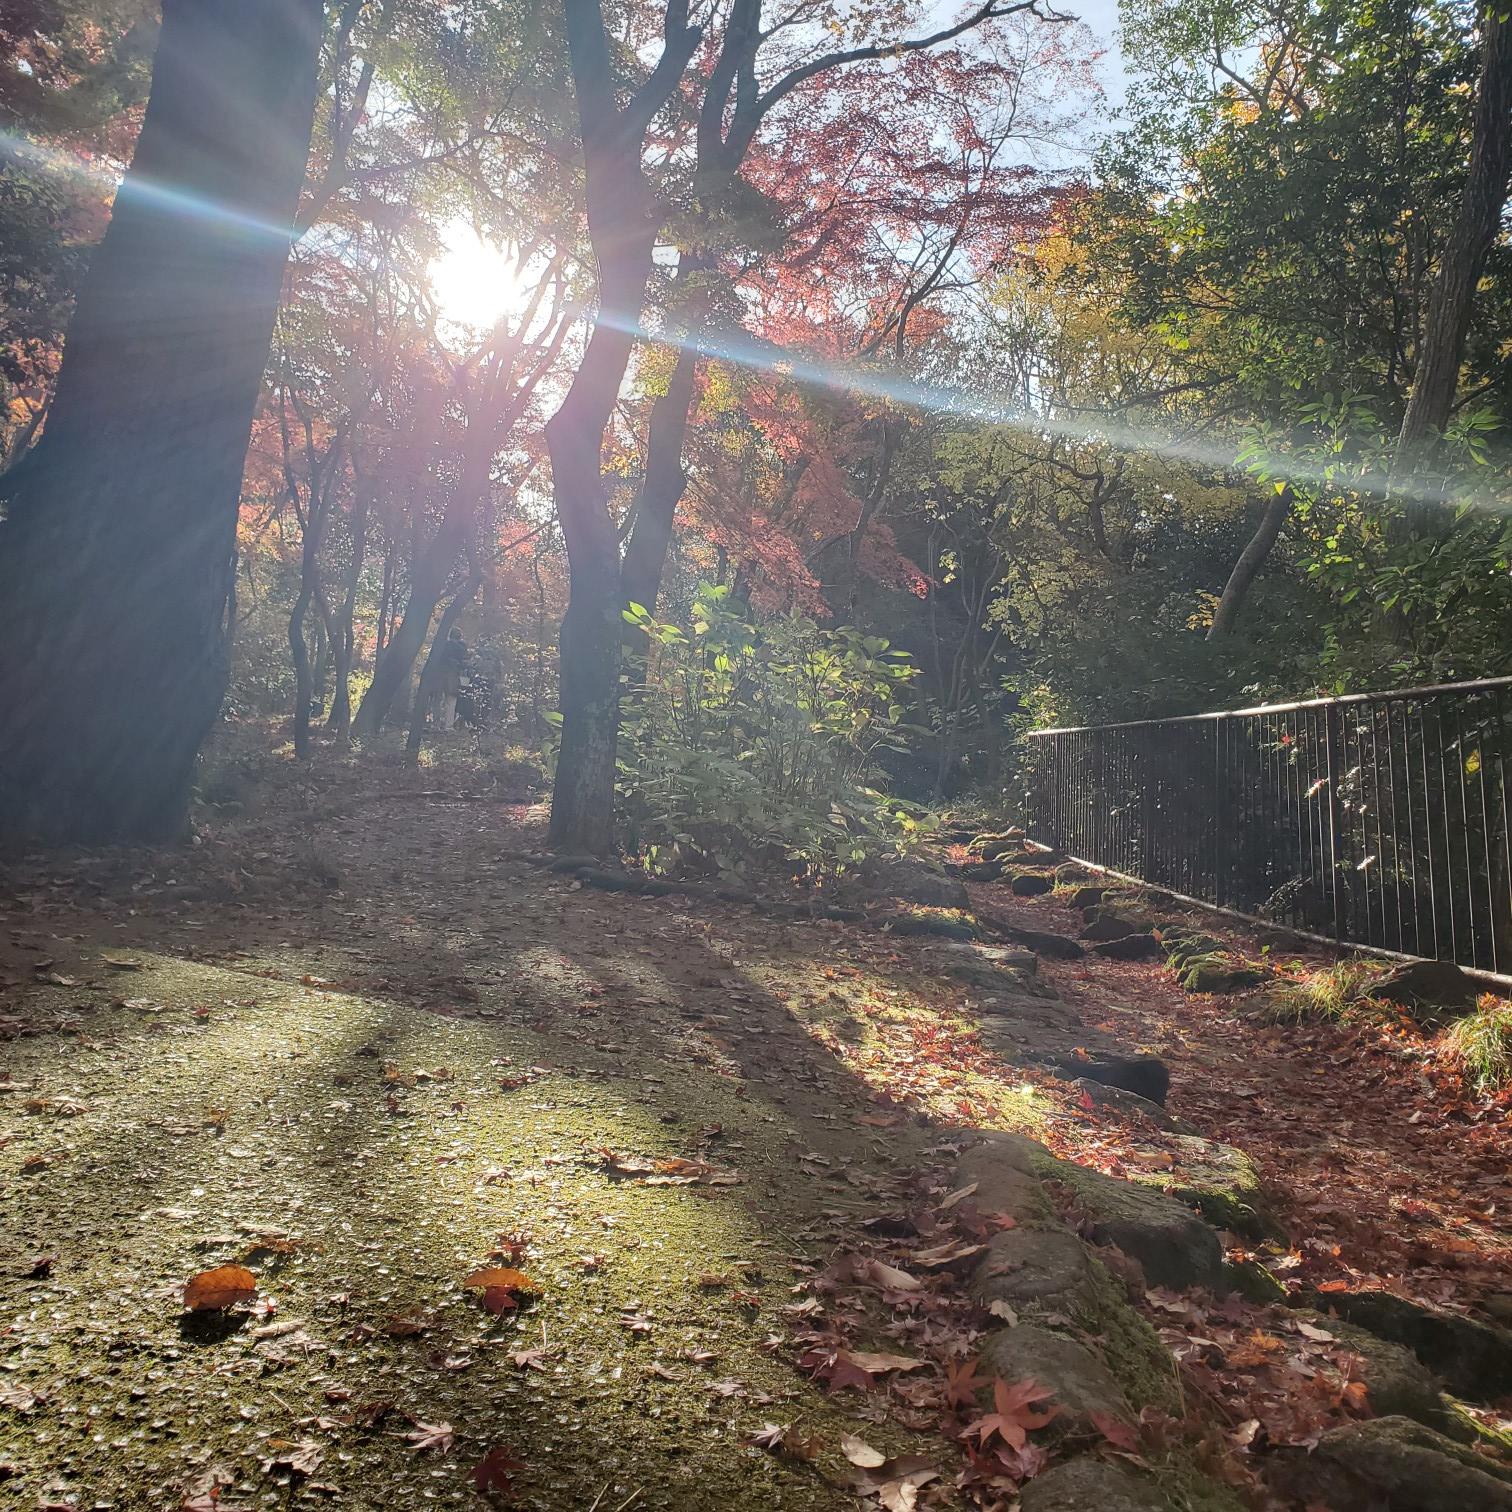 【女子旅におすすめ】兵庫県 紅葉と食べ歩き・温泉を楽しめる有馬温泉街☆_2